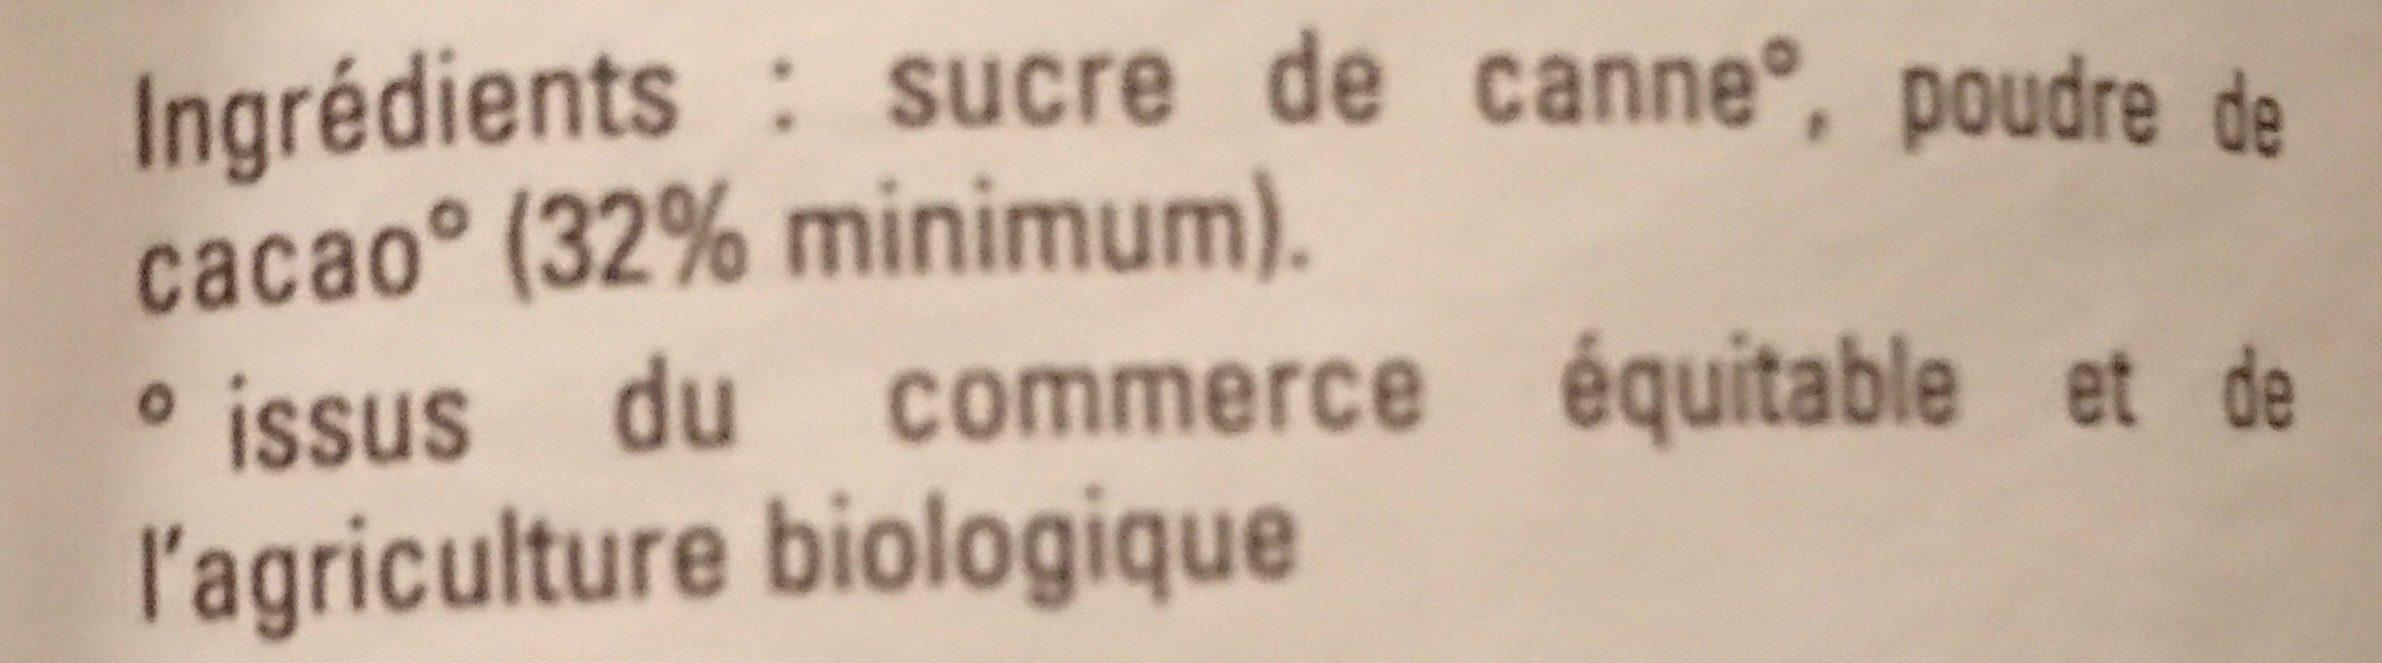 Chocolat en poudre Instantané - Ingrédients - fr